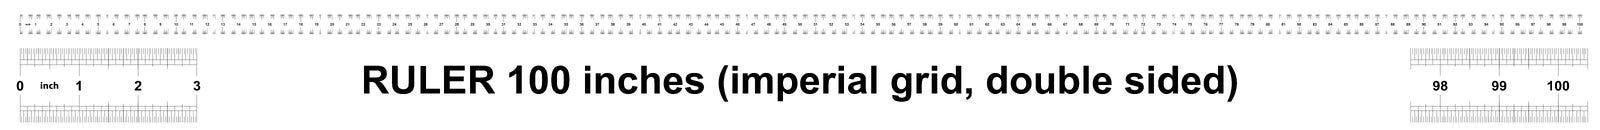 Heerser 100 duim keizer De afdelingsprijs is 1/32 duim Tweezijdige heerser Nauwkeurig metend hulpmiddel Kaliberbepalingsnet vector illustratie